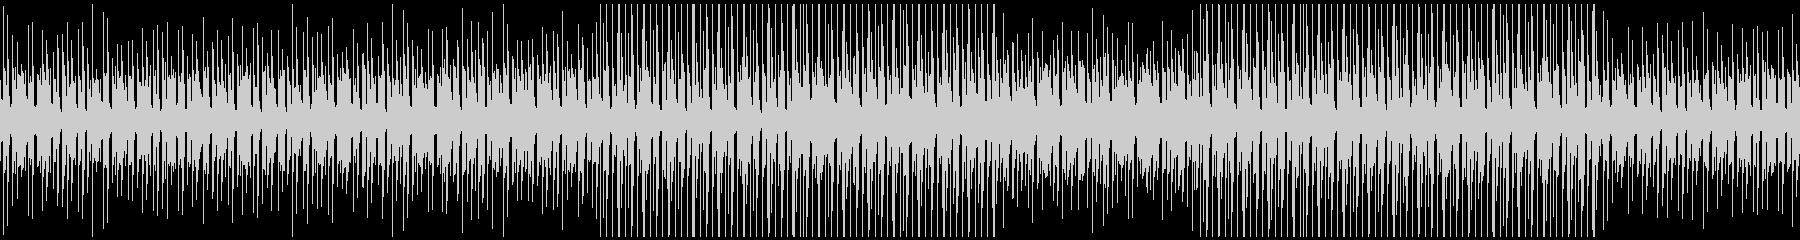 何気ない日常系BGMの未再生の波形